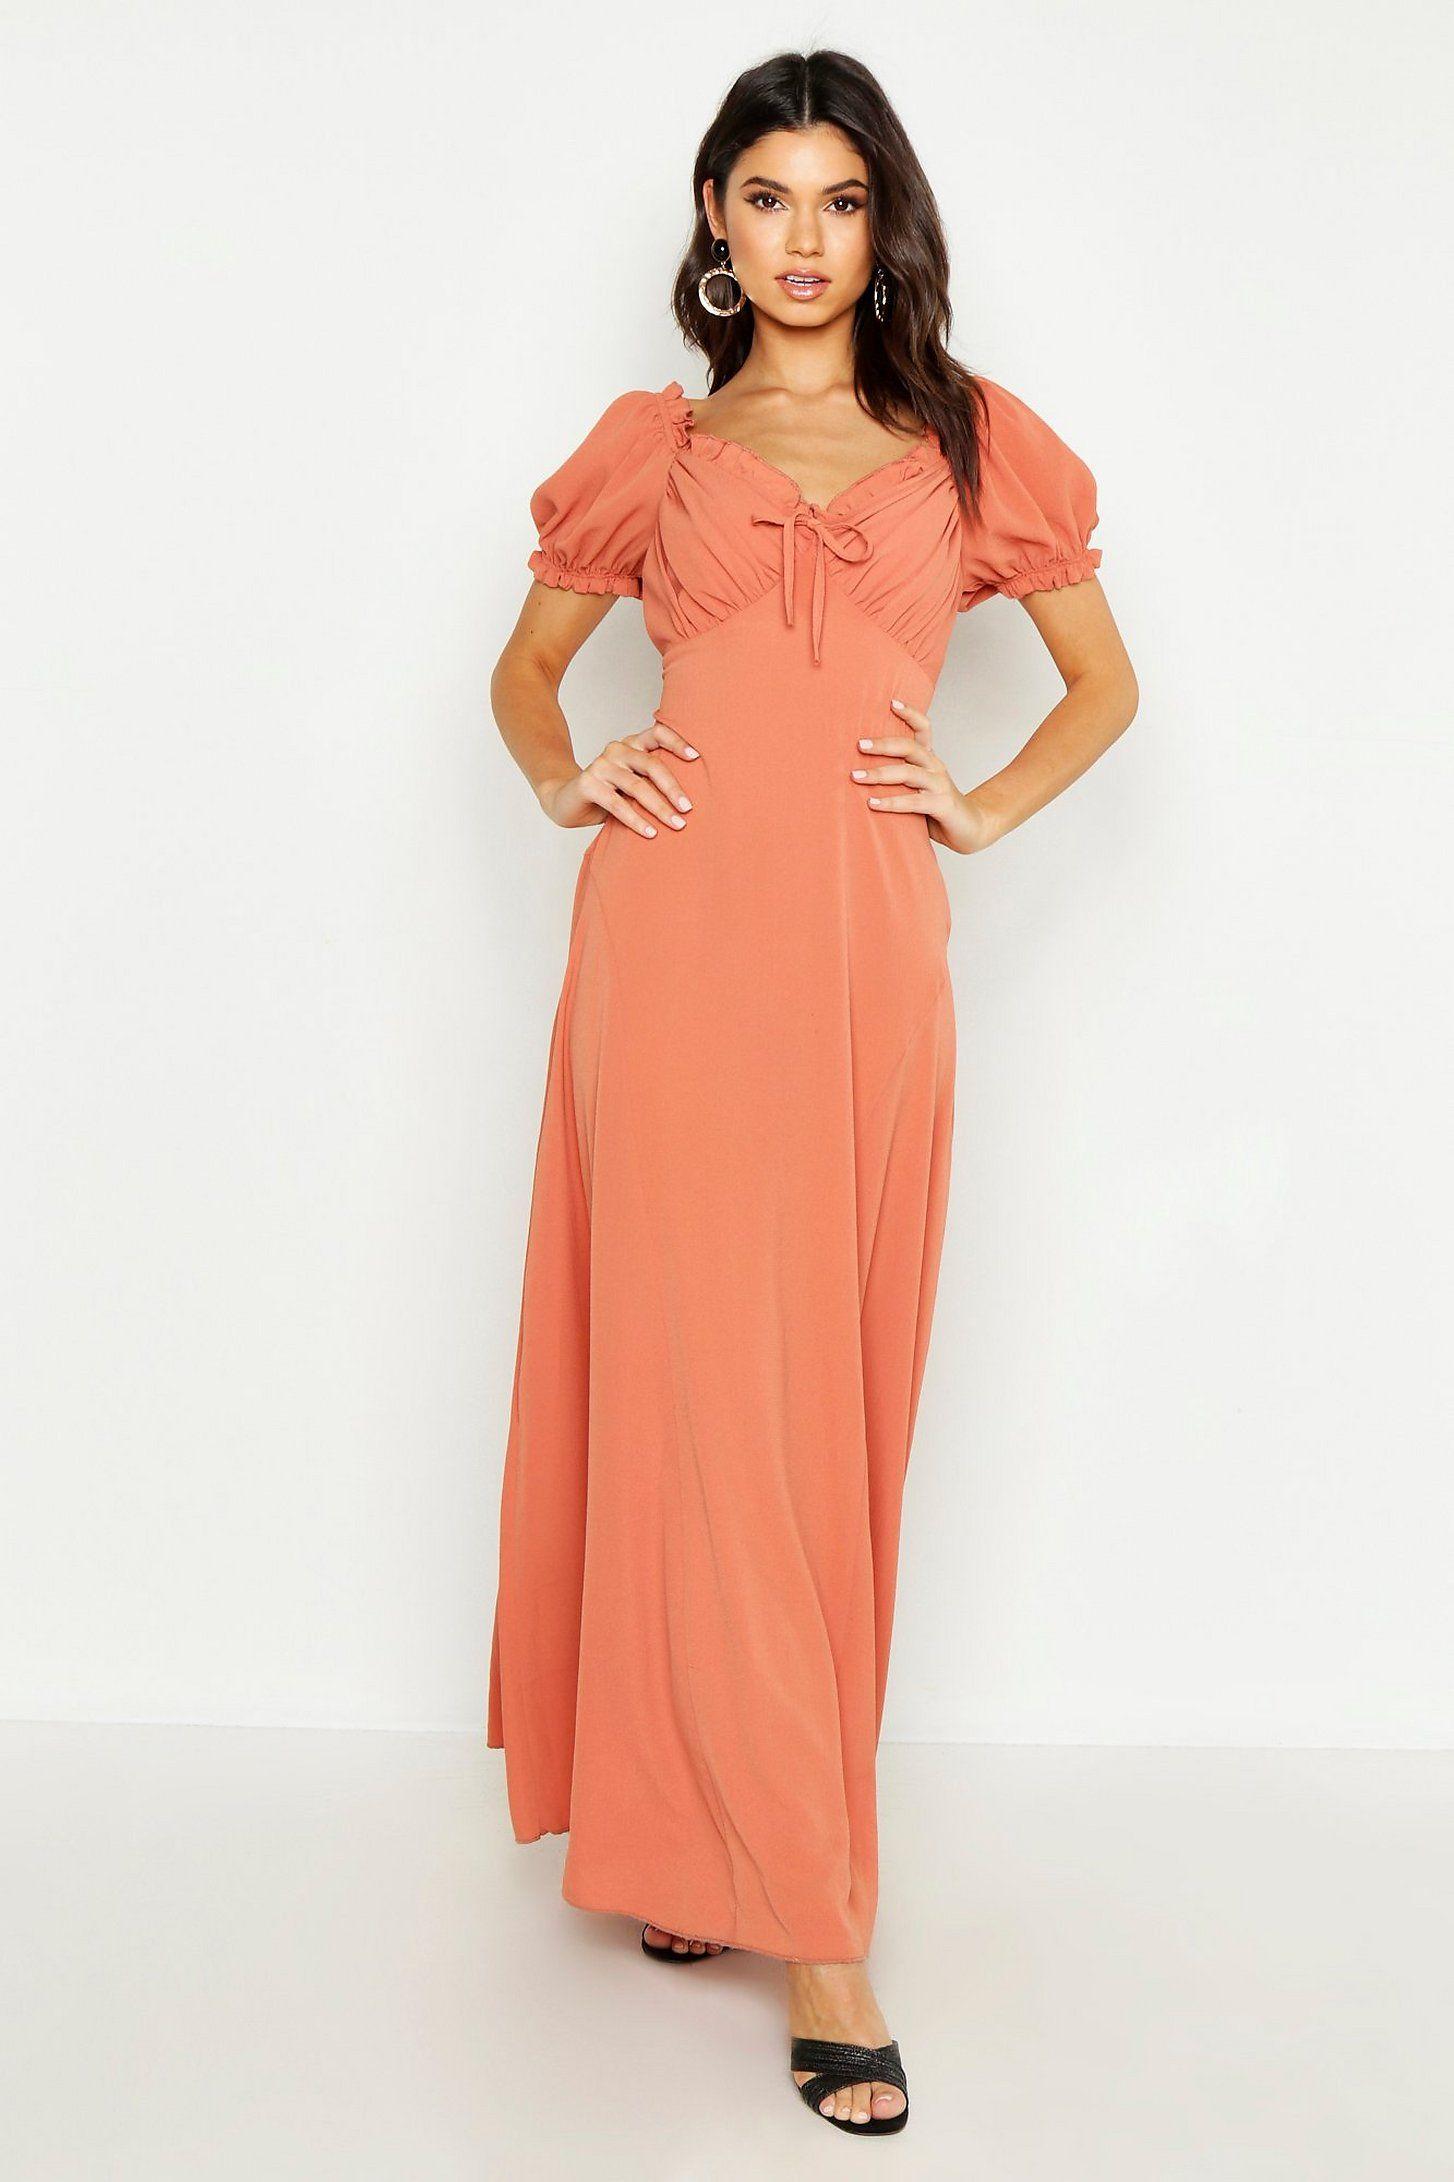 Sweetheart Puff Sleeve Maxi Dress Boohoo Maxi Dress With Sleeves Maxi Dress Dresses [ 2182 x 1454 Pixel ]